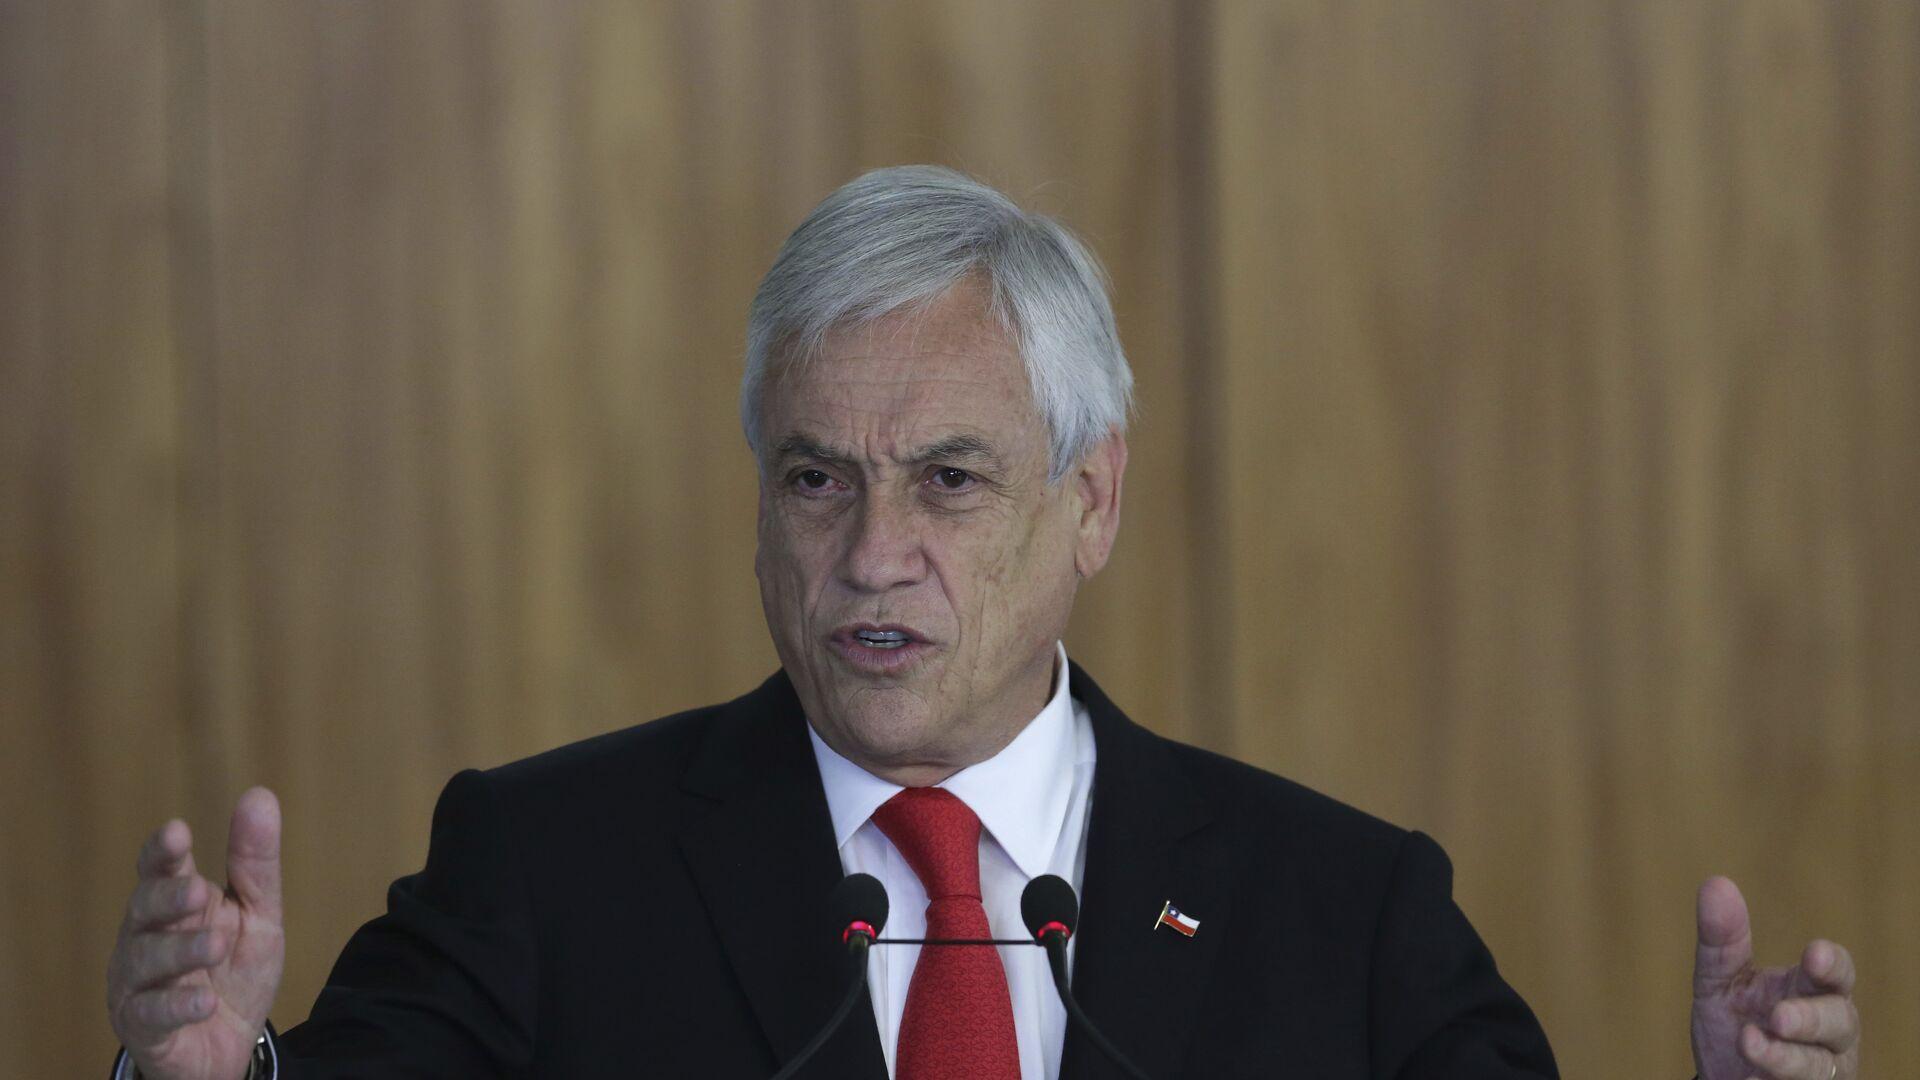 Sebastián Piñera, el presidente de Chile - Sputnik Mundo, 1920, 05.03.2021